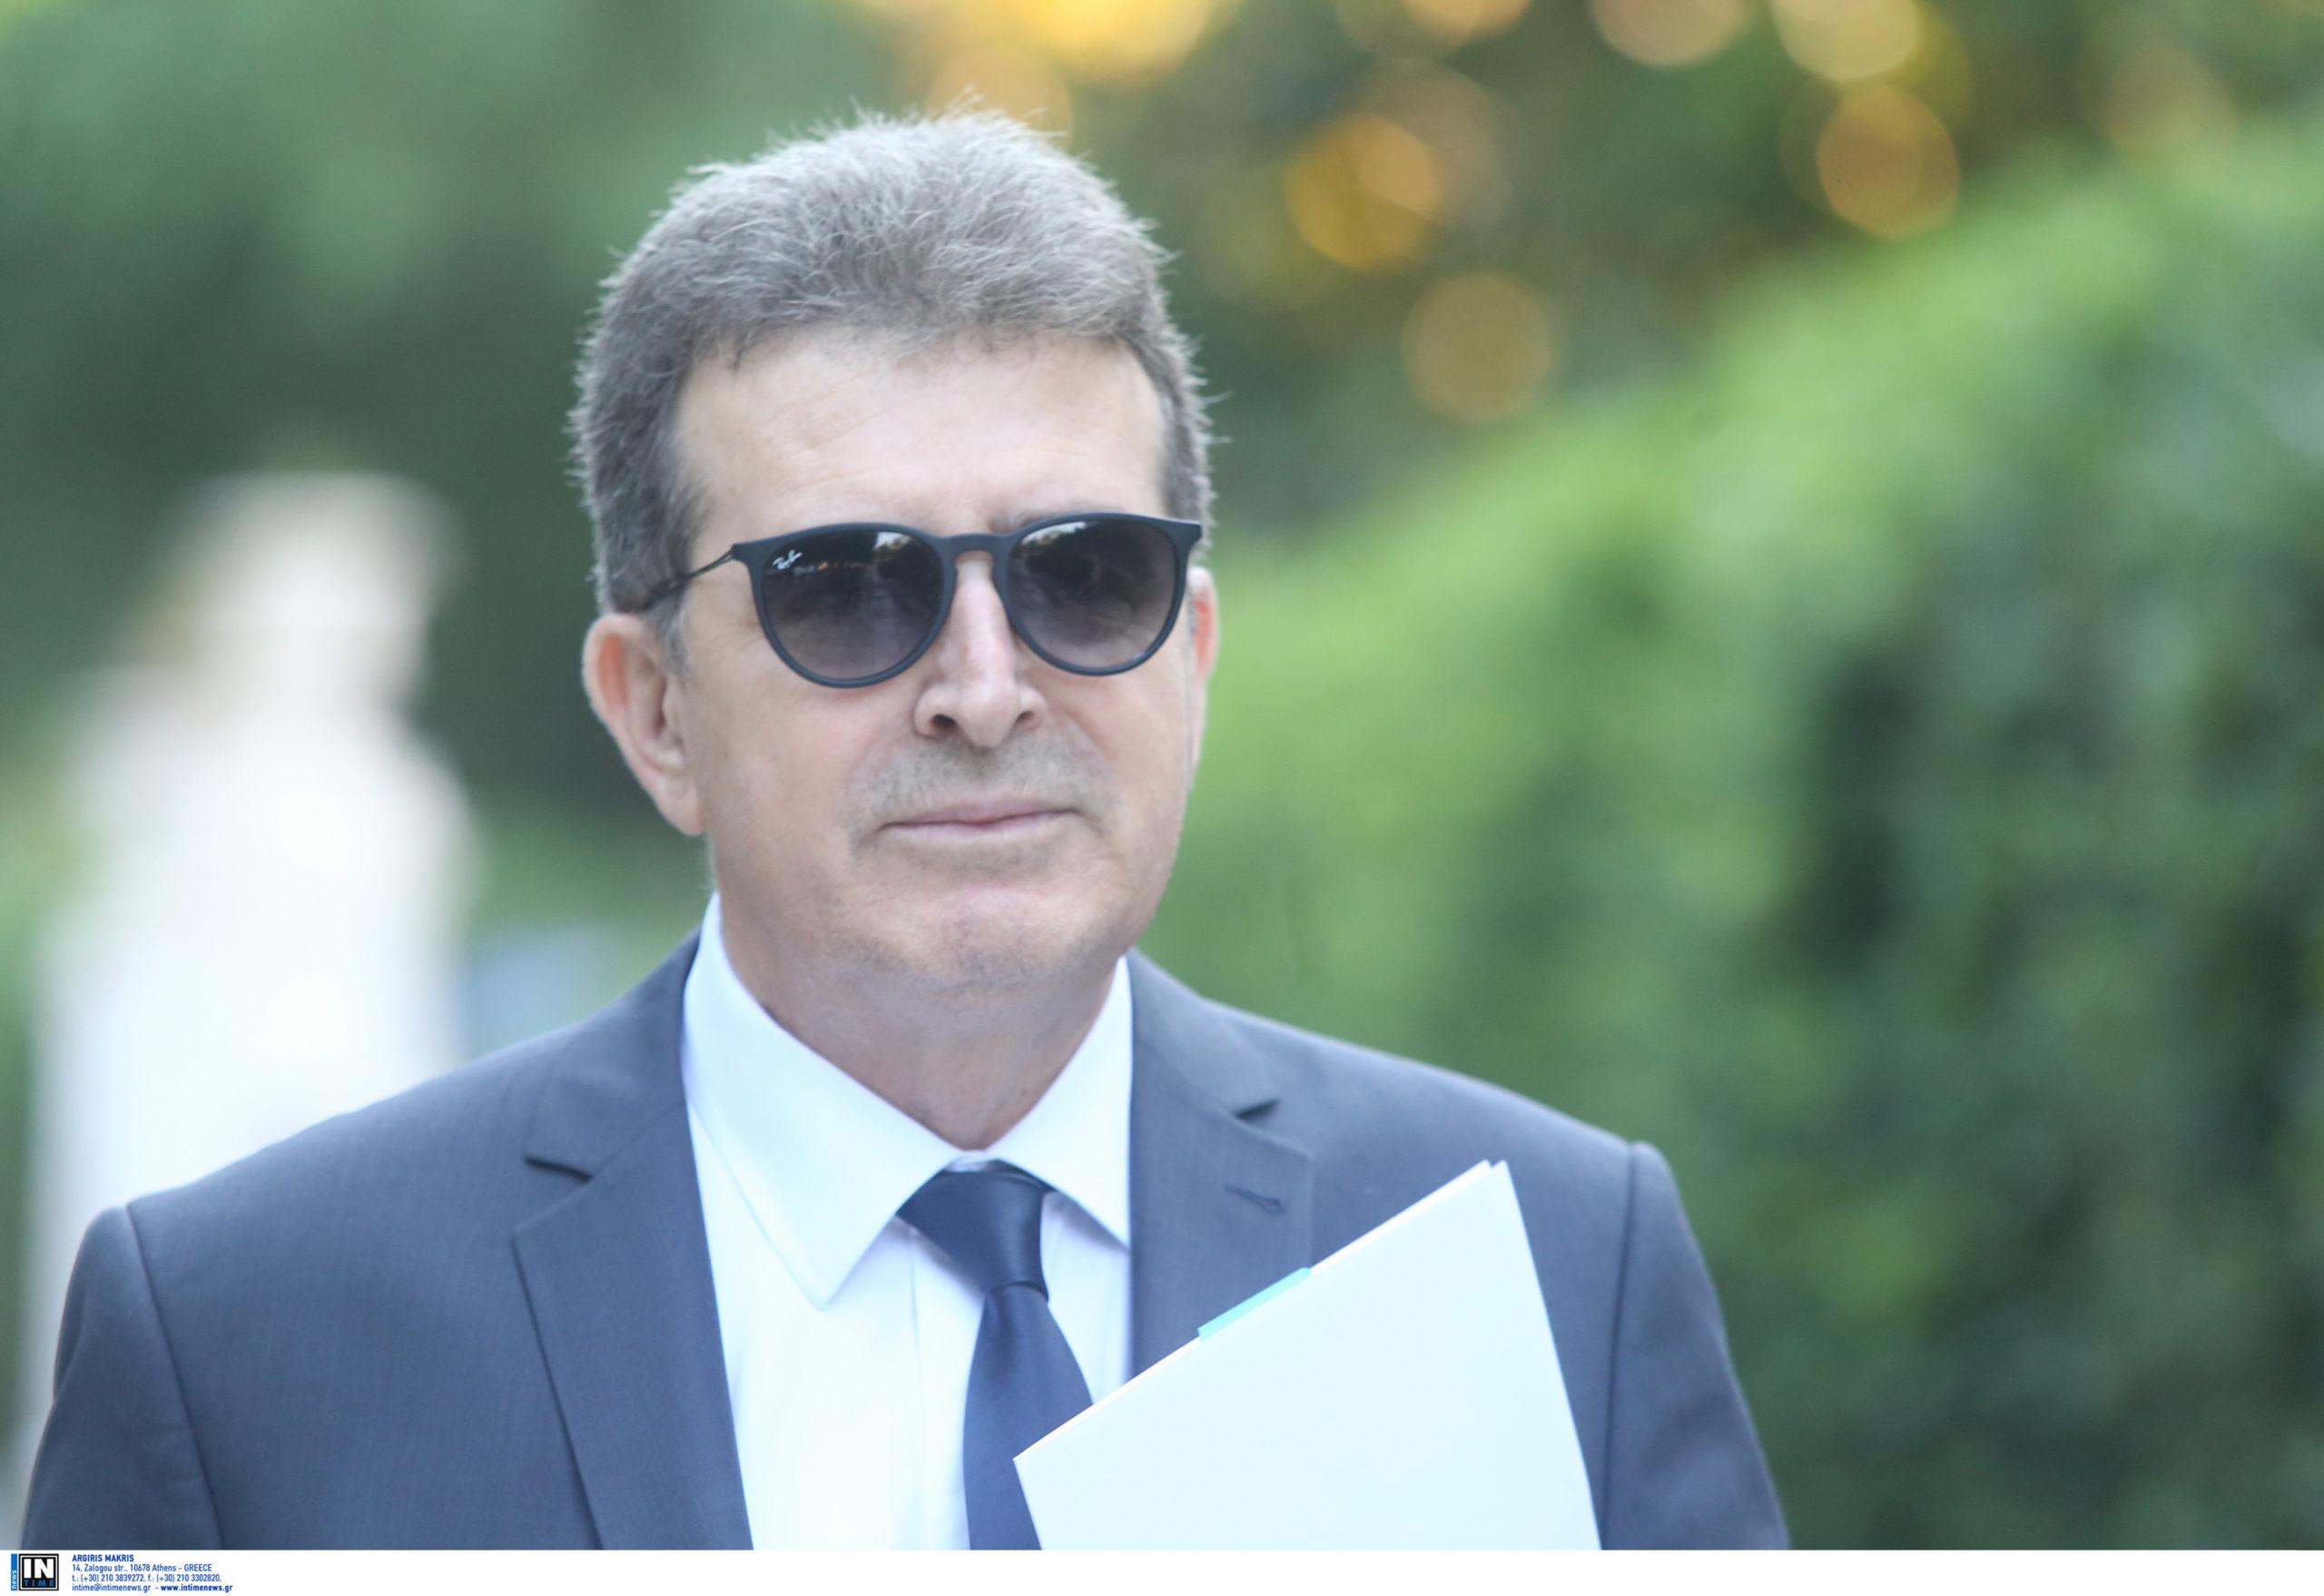 Μιχάλης Χρυσοχοΐδης: Η σύλληψη Παππά είναι η 4η μεγάλη επιτυχία της ΕΛΑΣ τις τελευταίες ημέρες